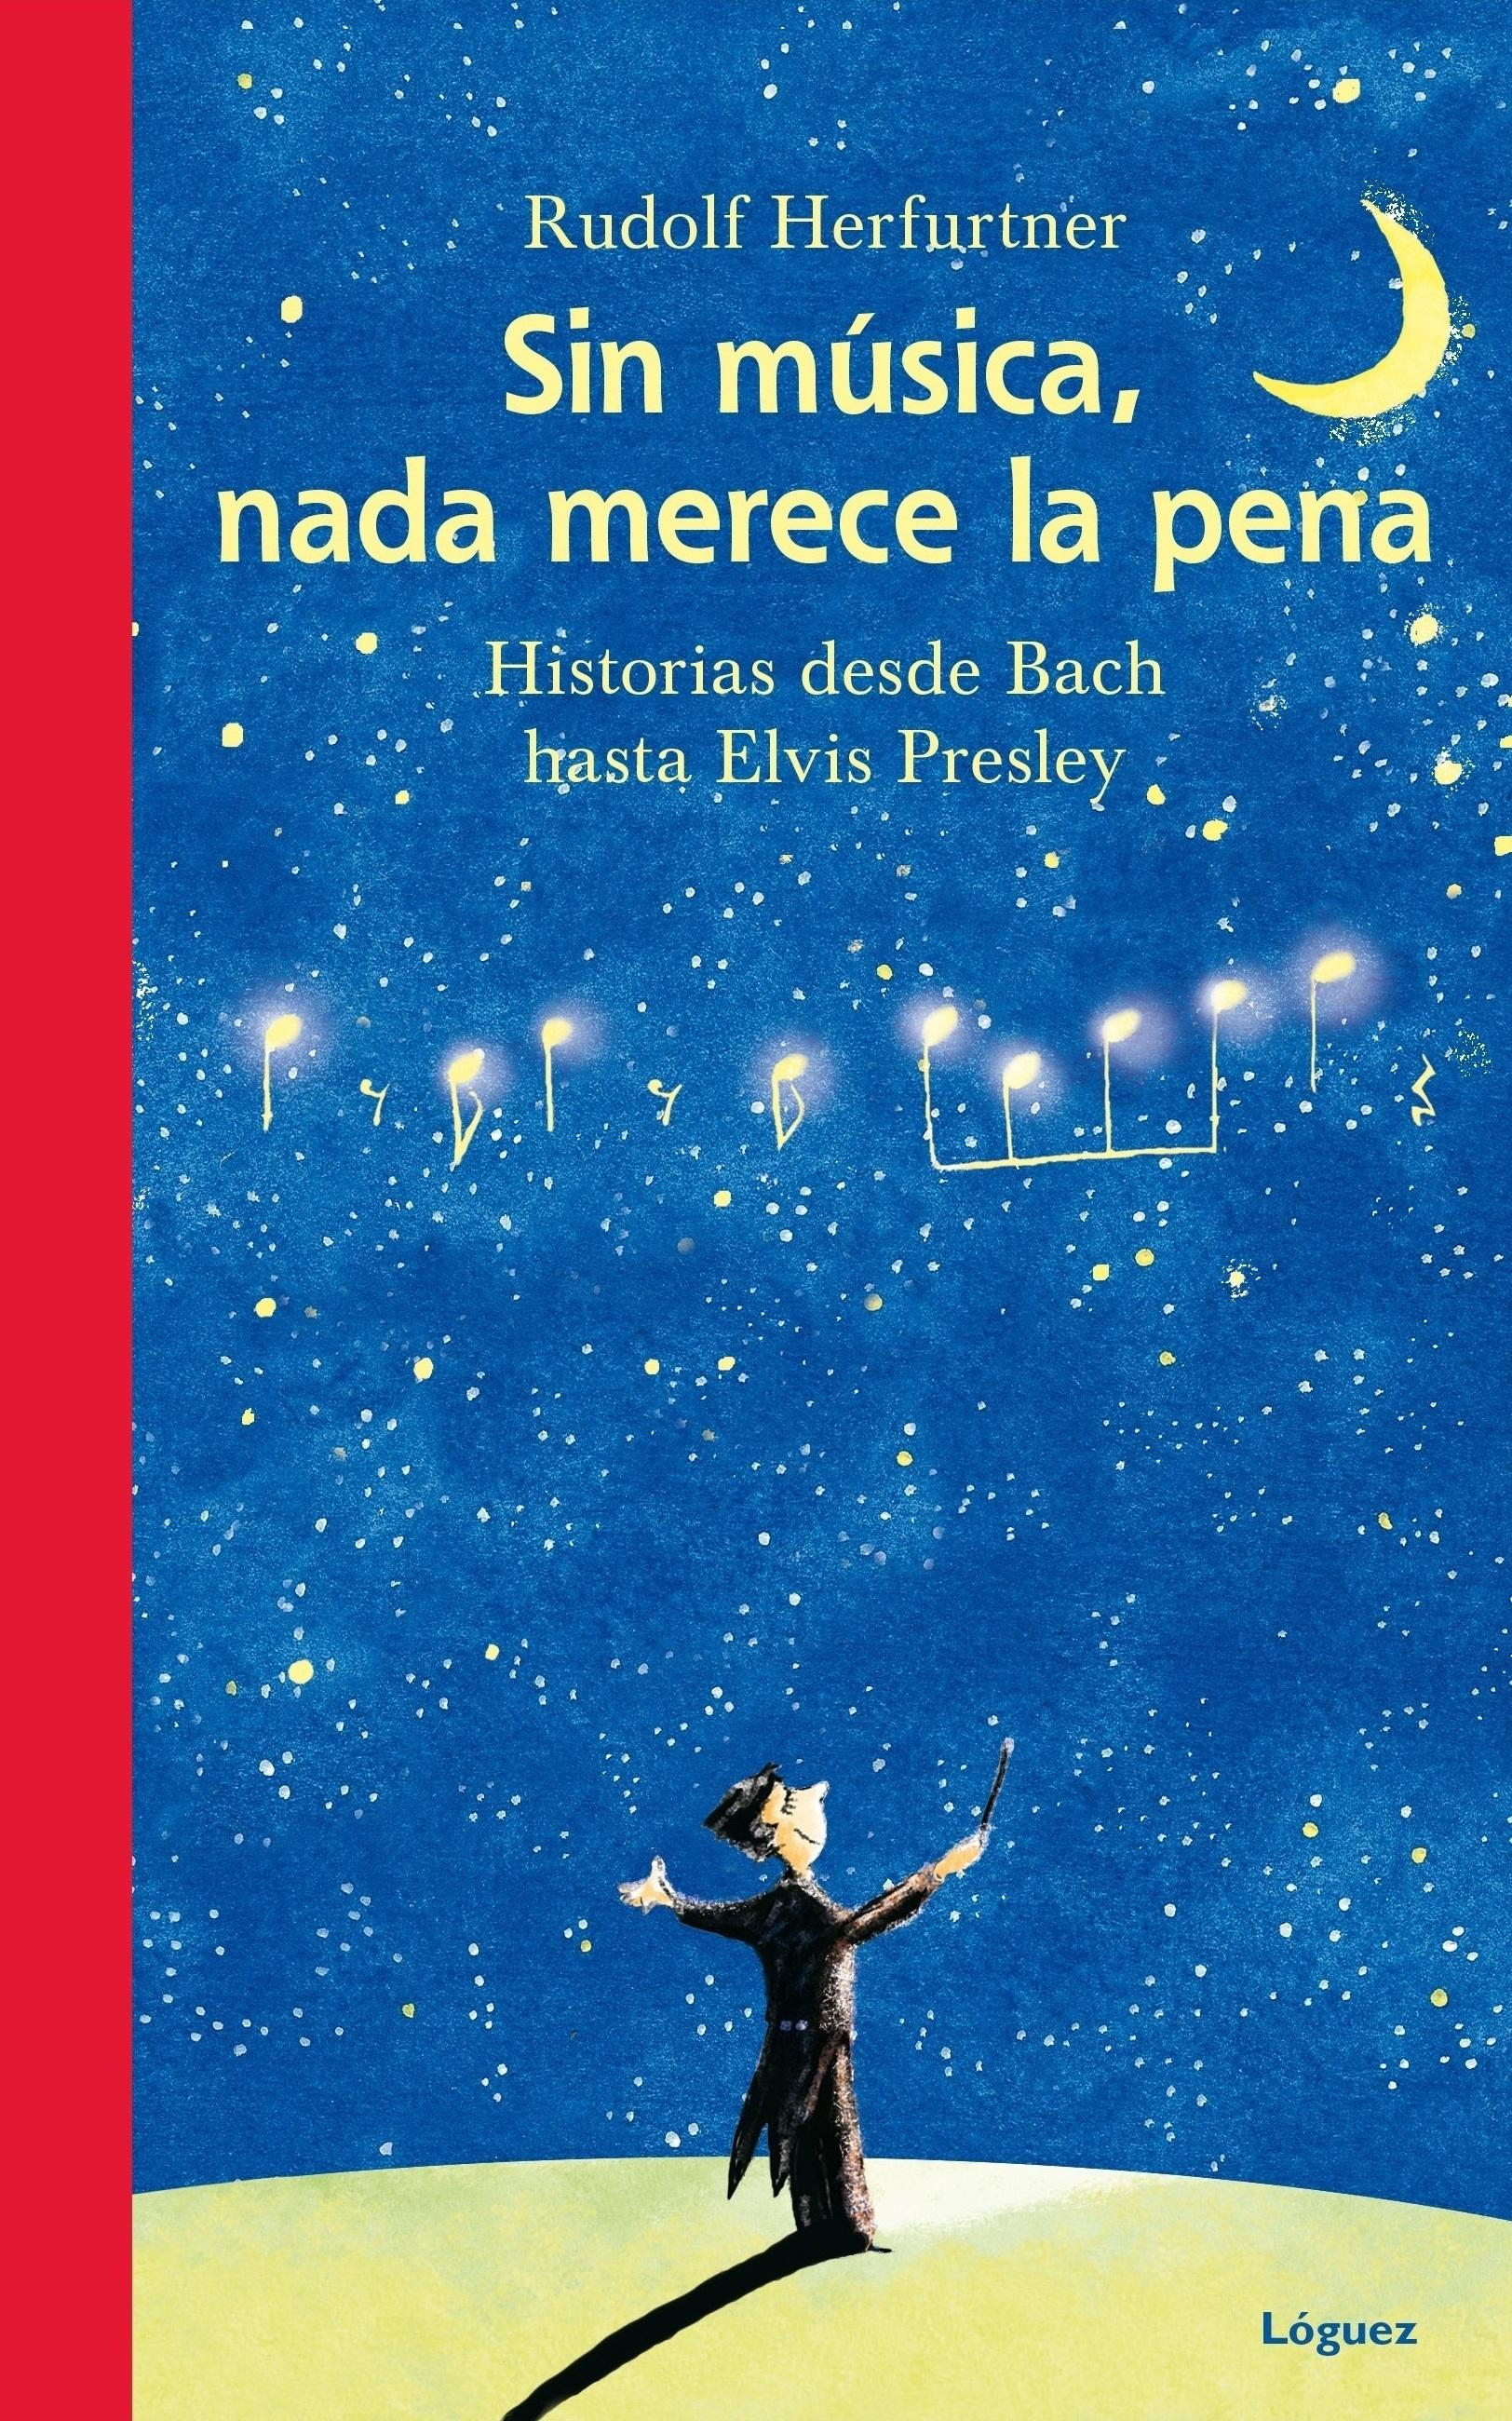 http://www.loguezediciones.es/libro/ver_libro_portada?id=260